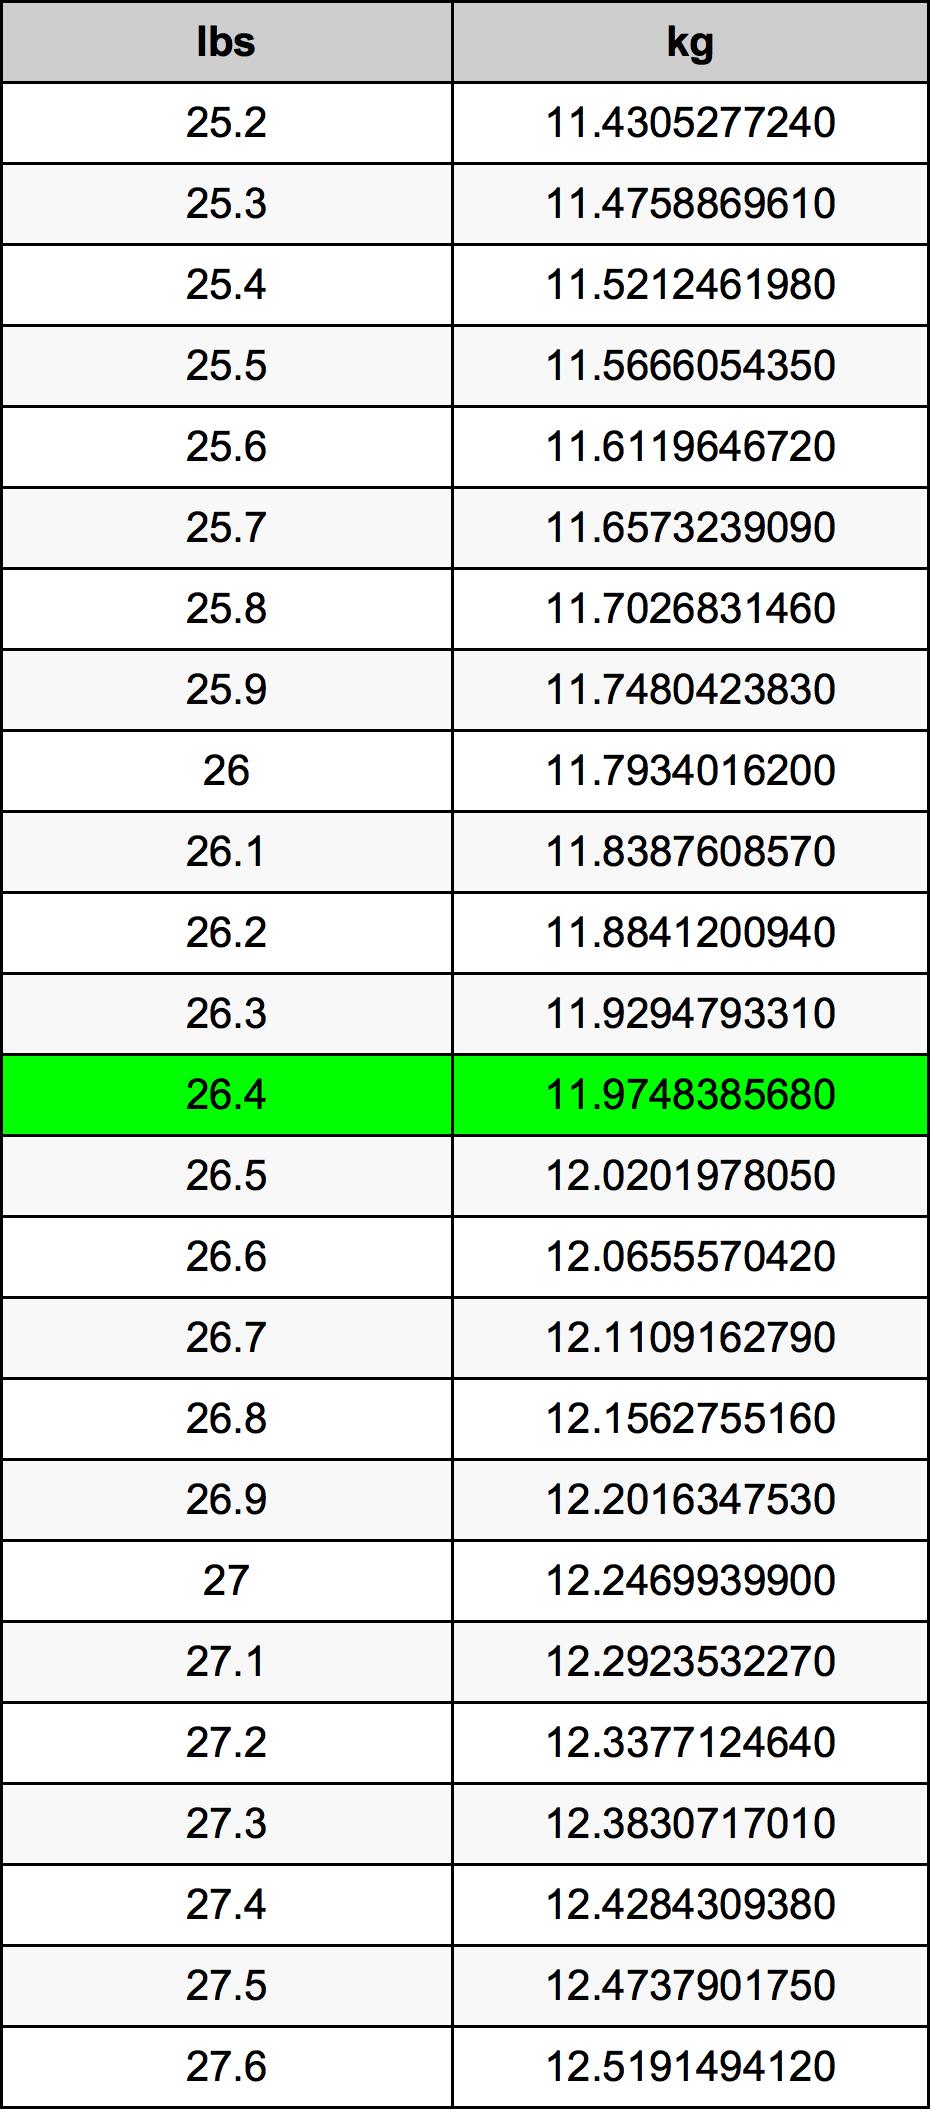 26.4 Livre table de conversion